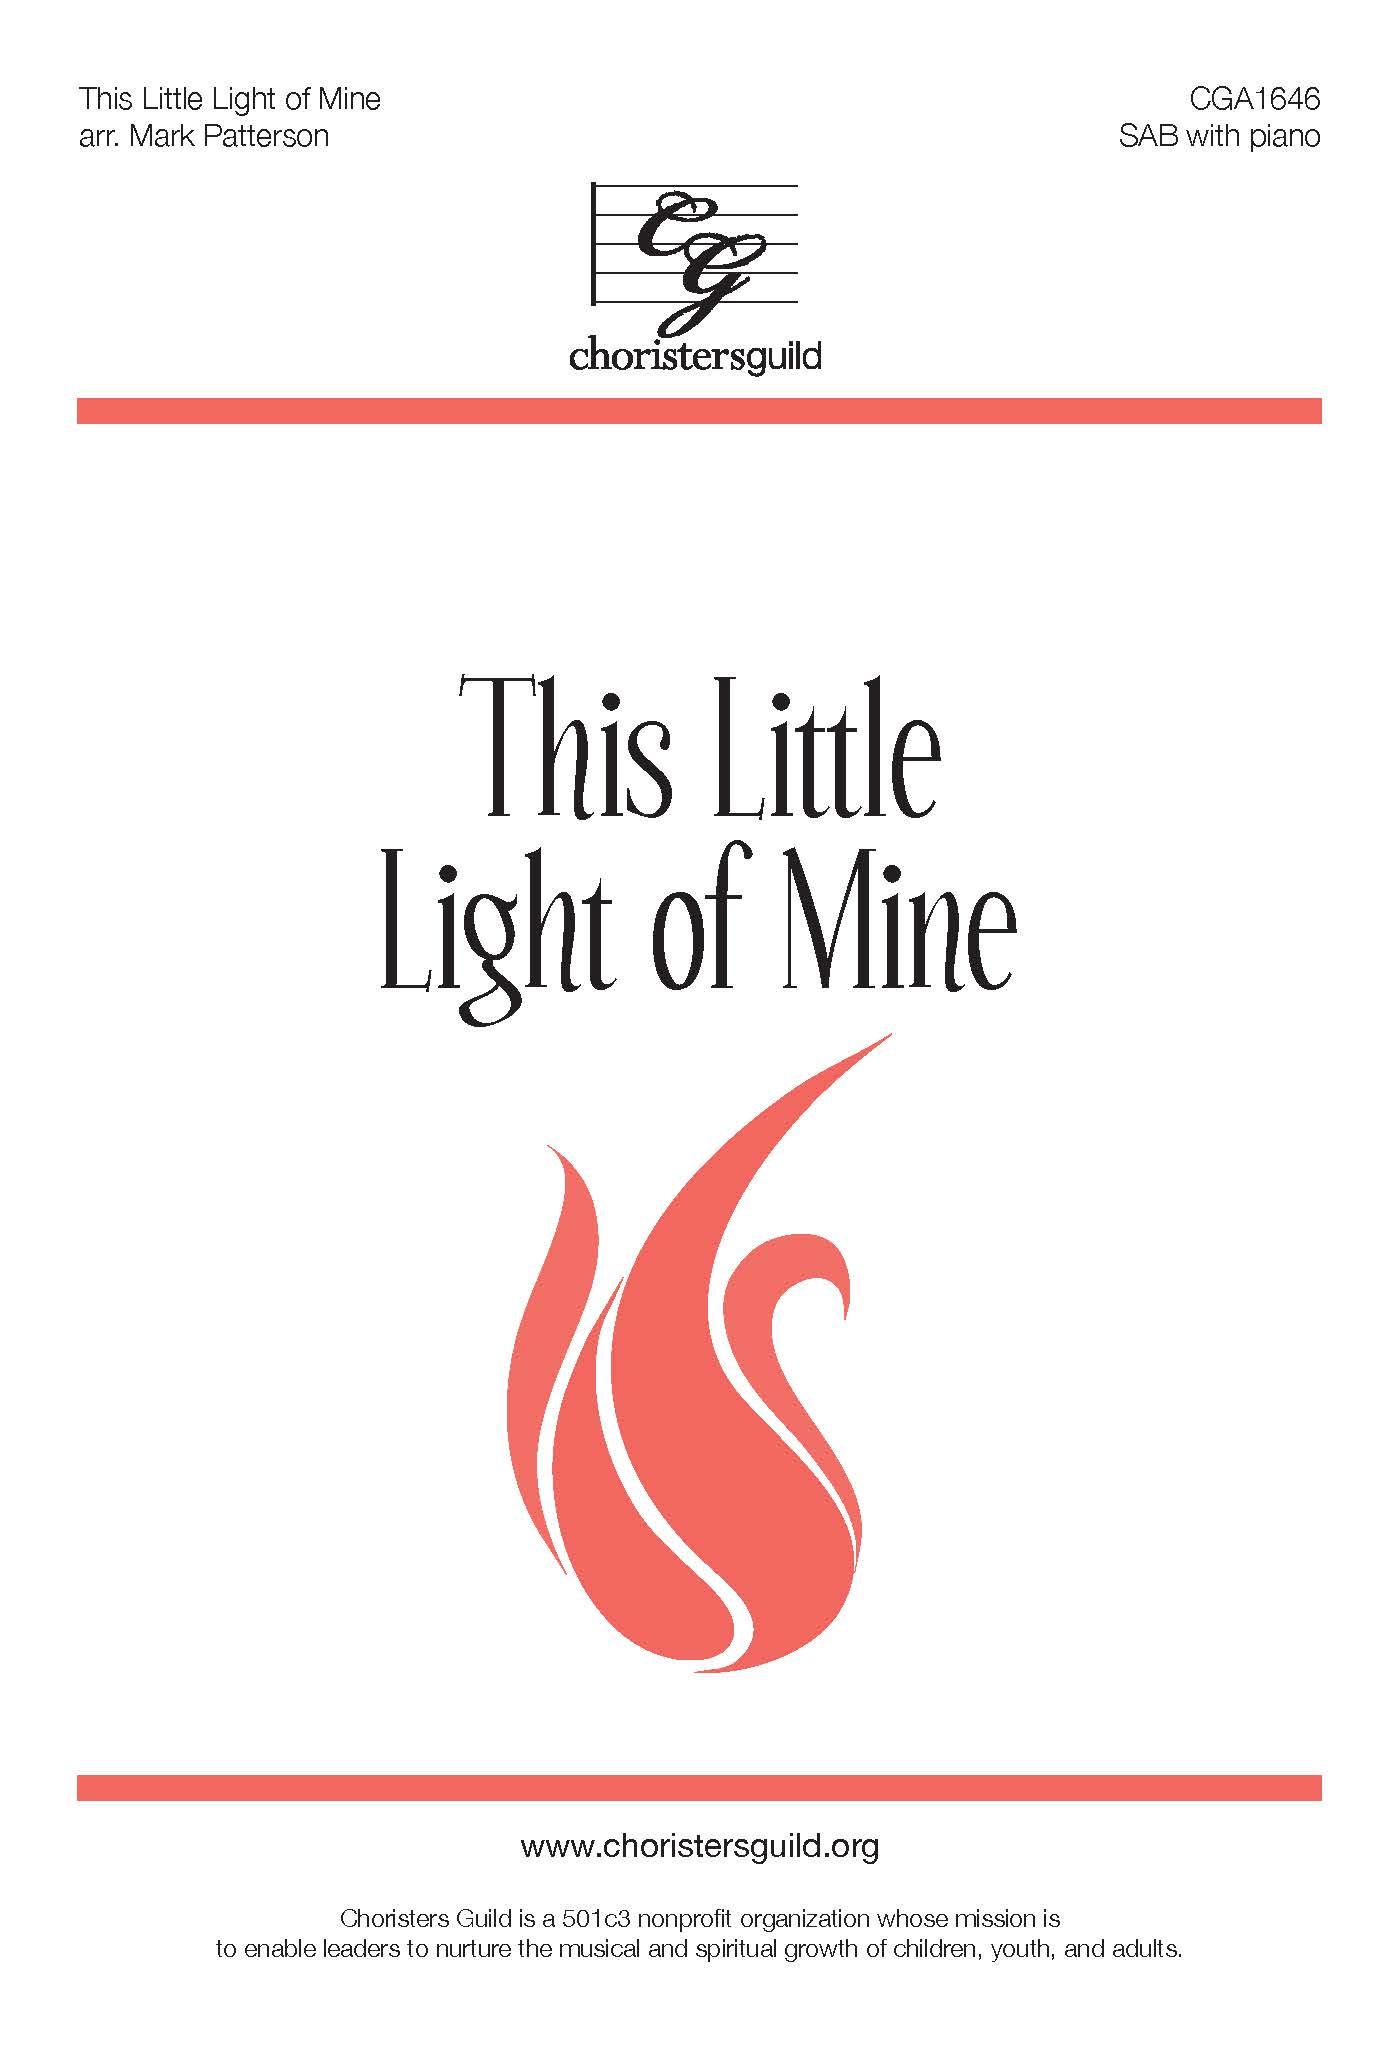 This Little Light of Mine - SAB